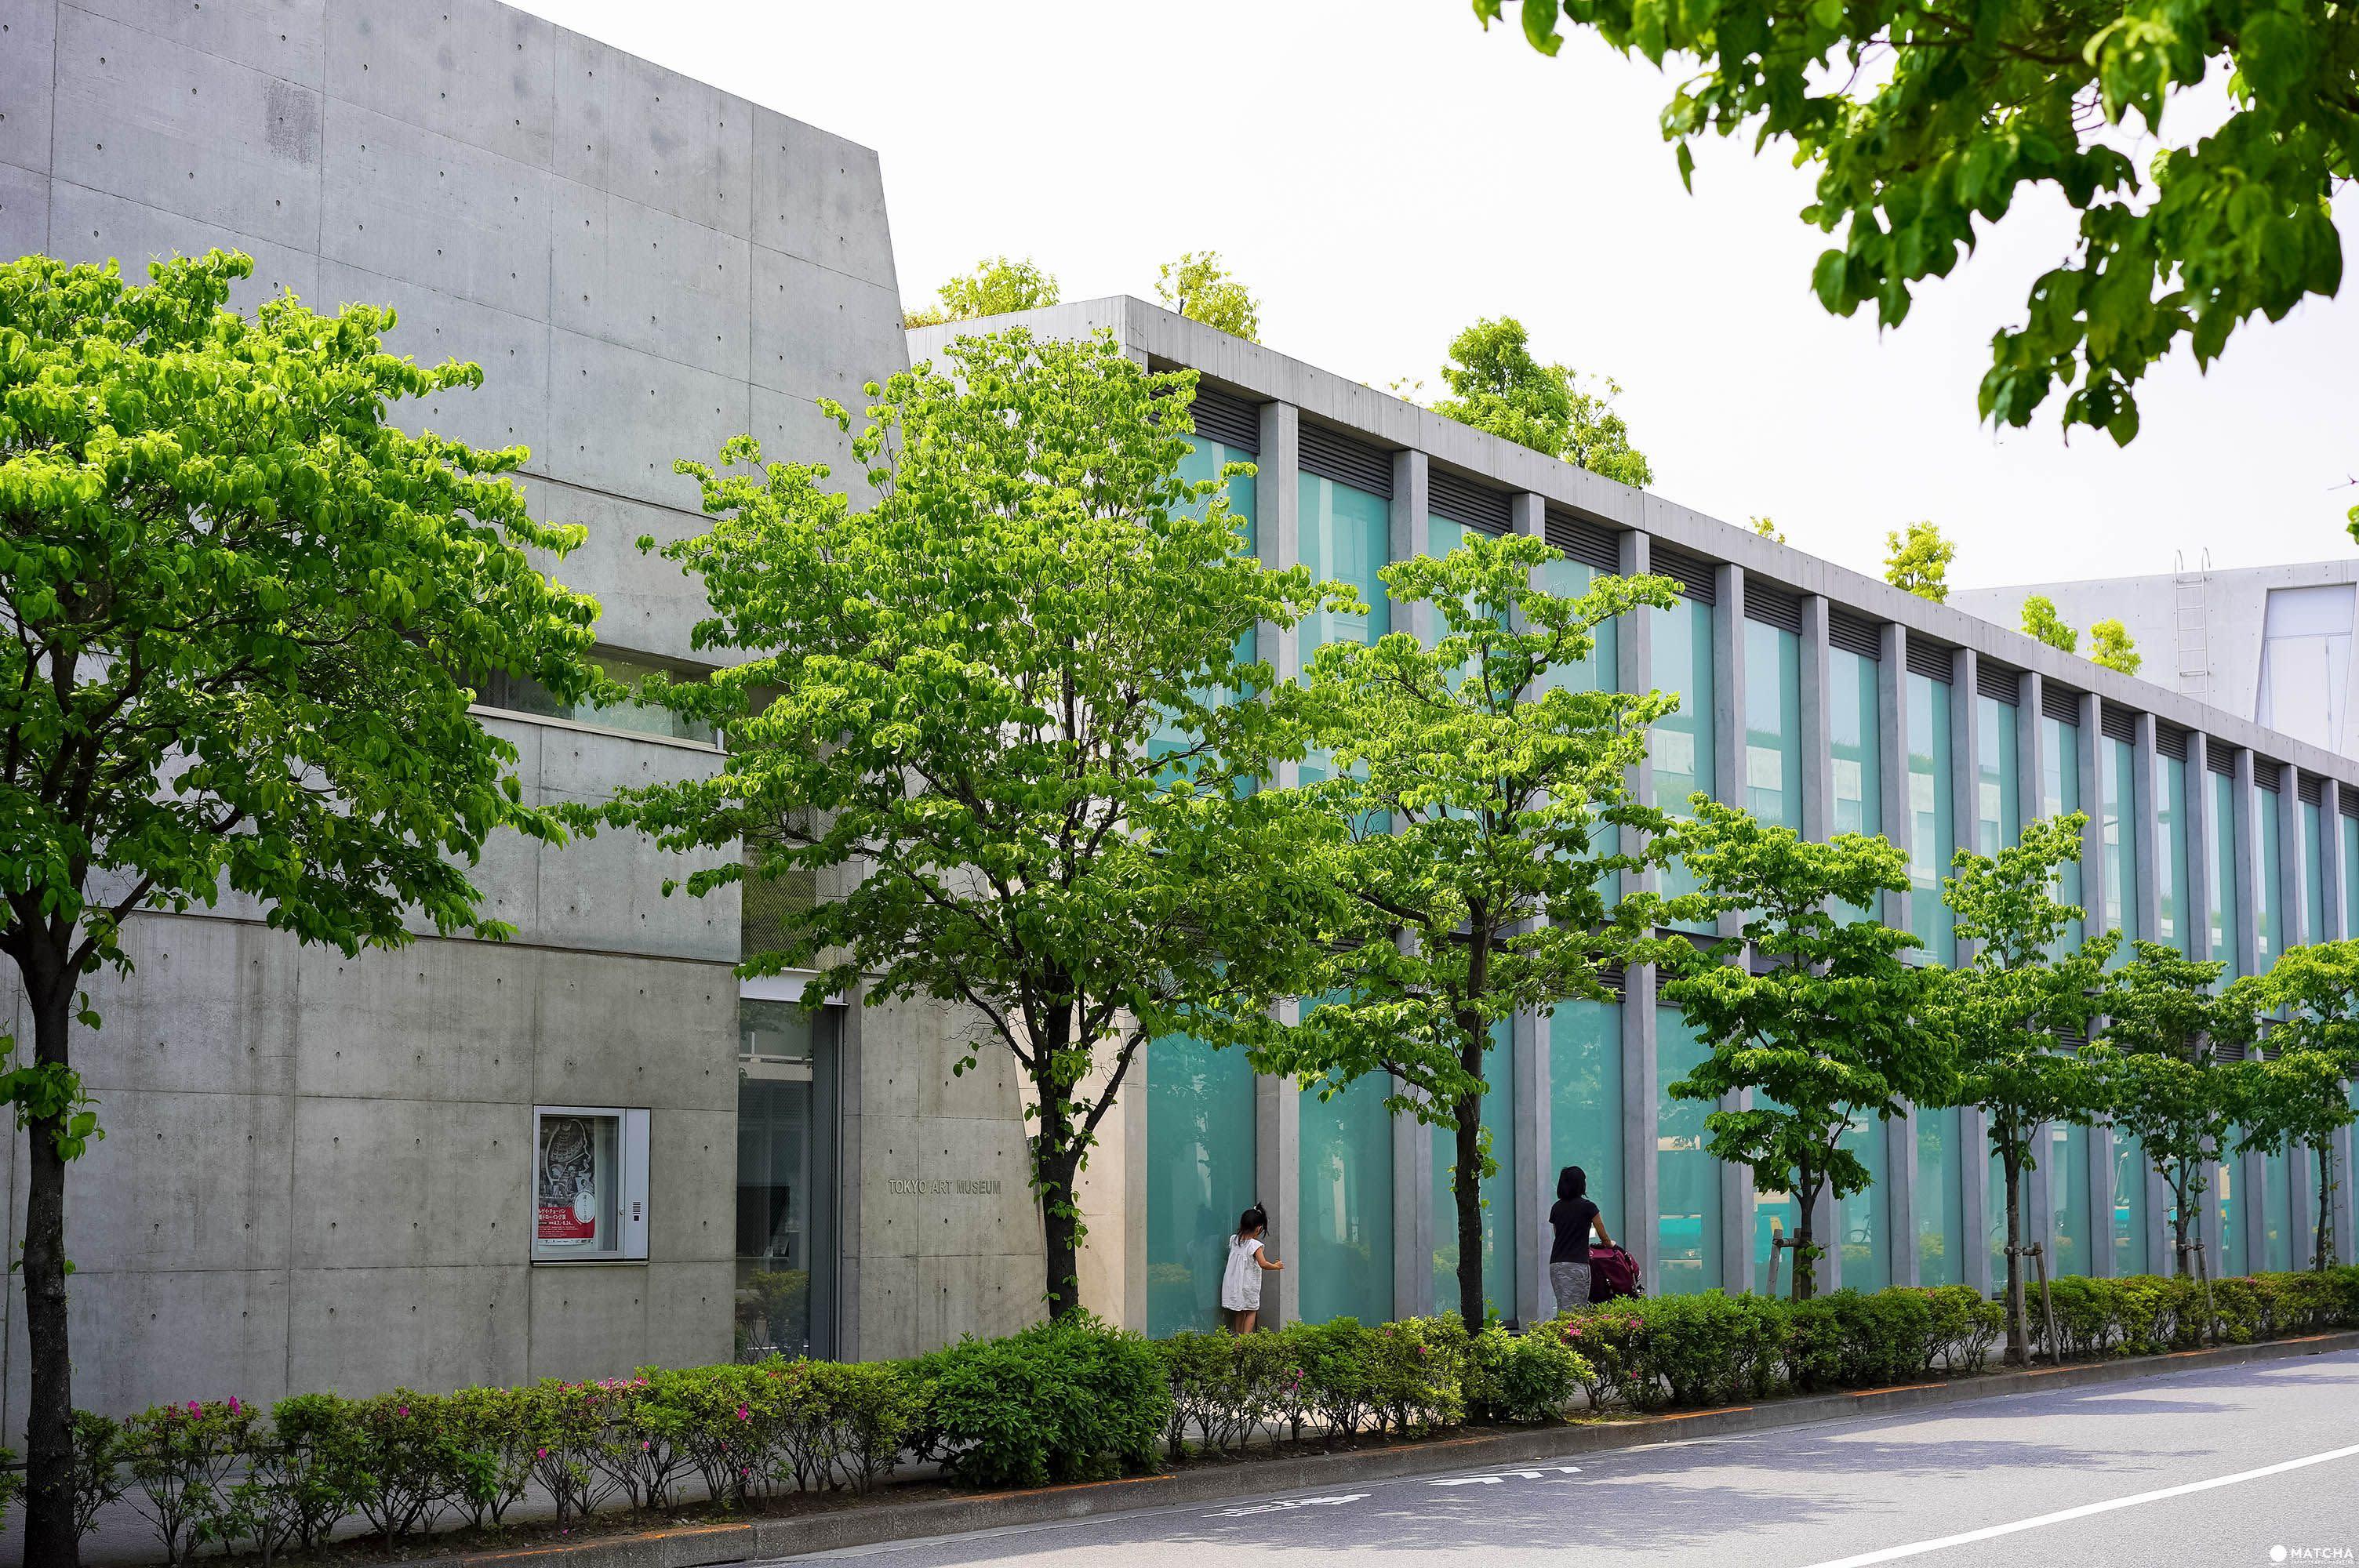 安藤忠雄街道 ANDO STREET